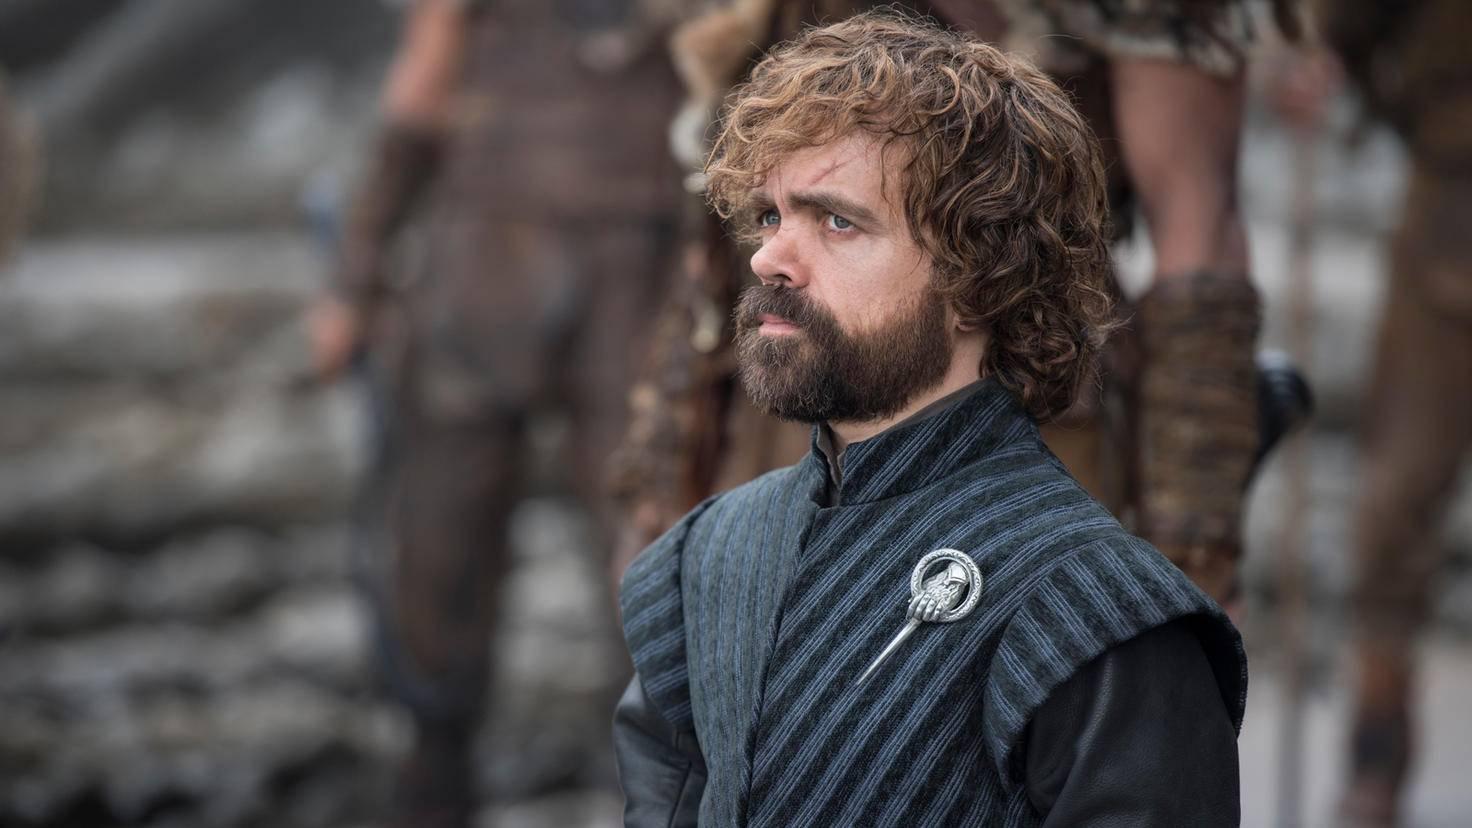 Führt Tyrion Lannister wirklich ein böses Spiel?